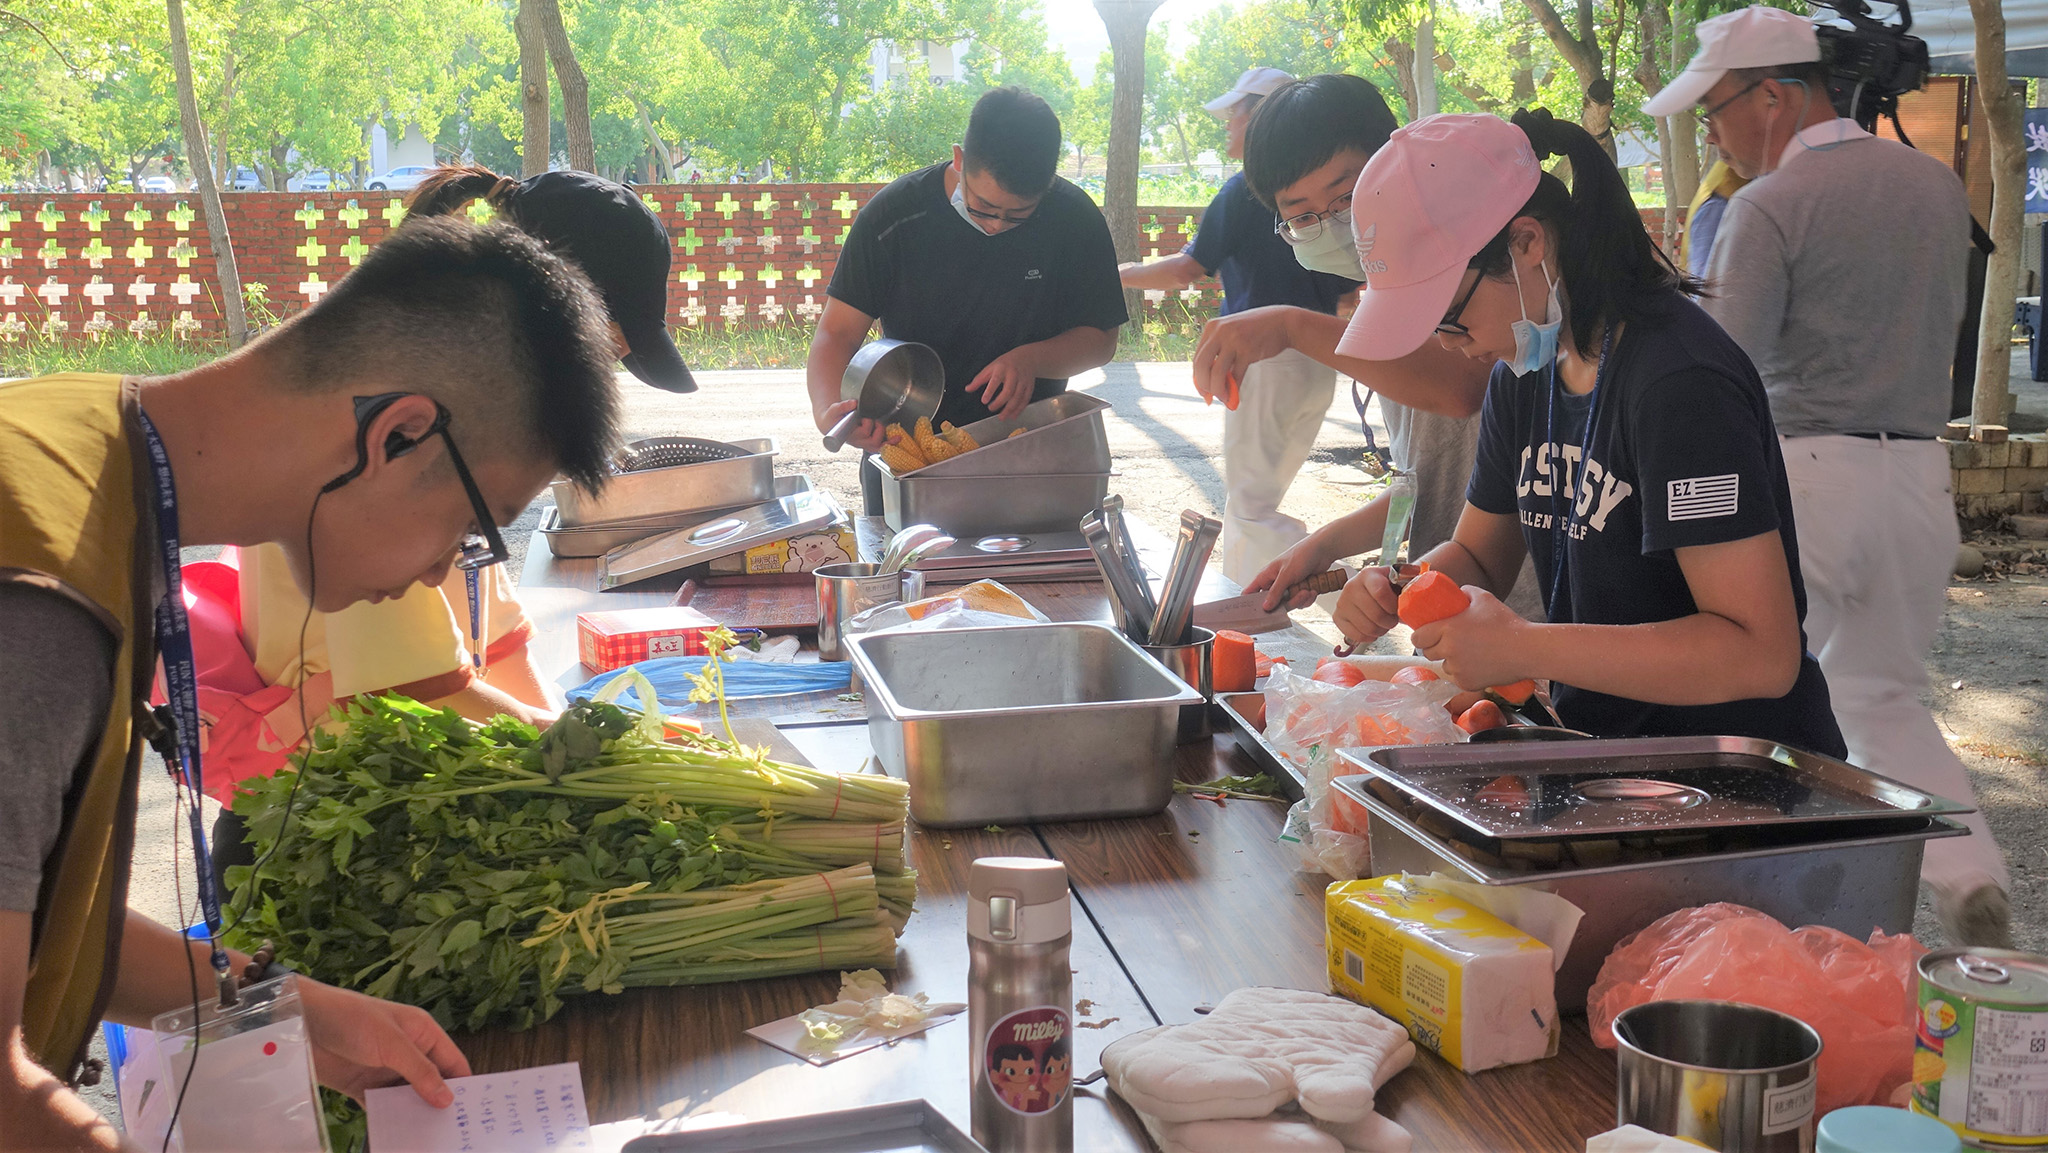 模擬救災現場提供熱食的餐食水暖組,這群年輕人要用有限的食材、調味料完成四道菜。